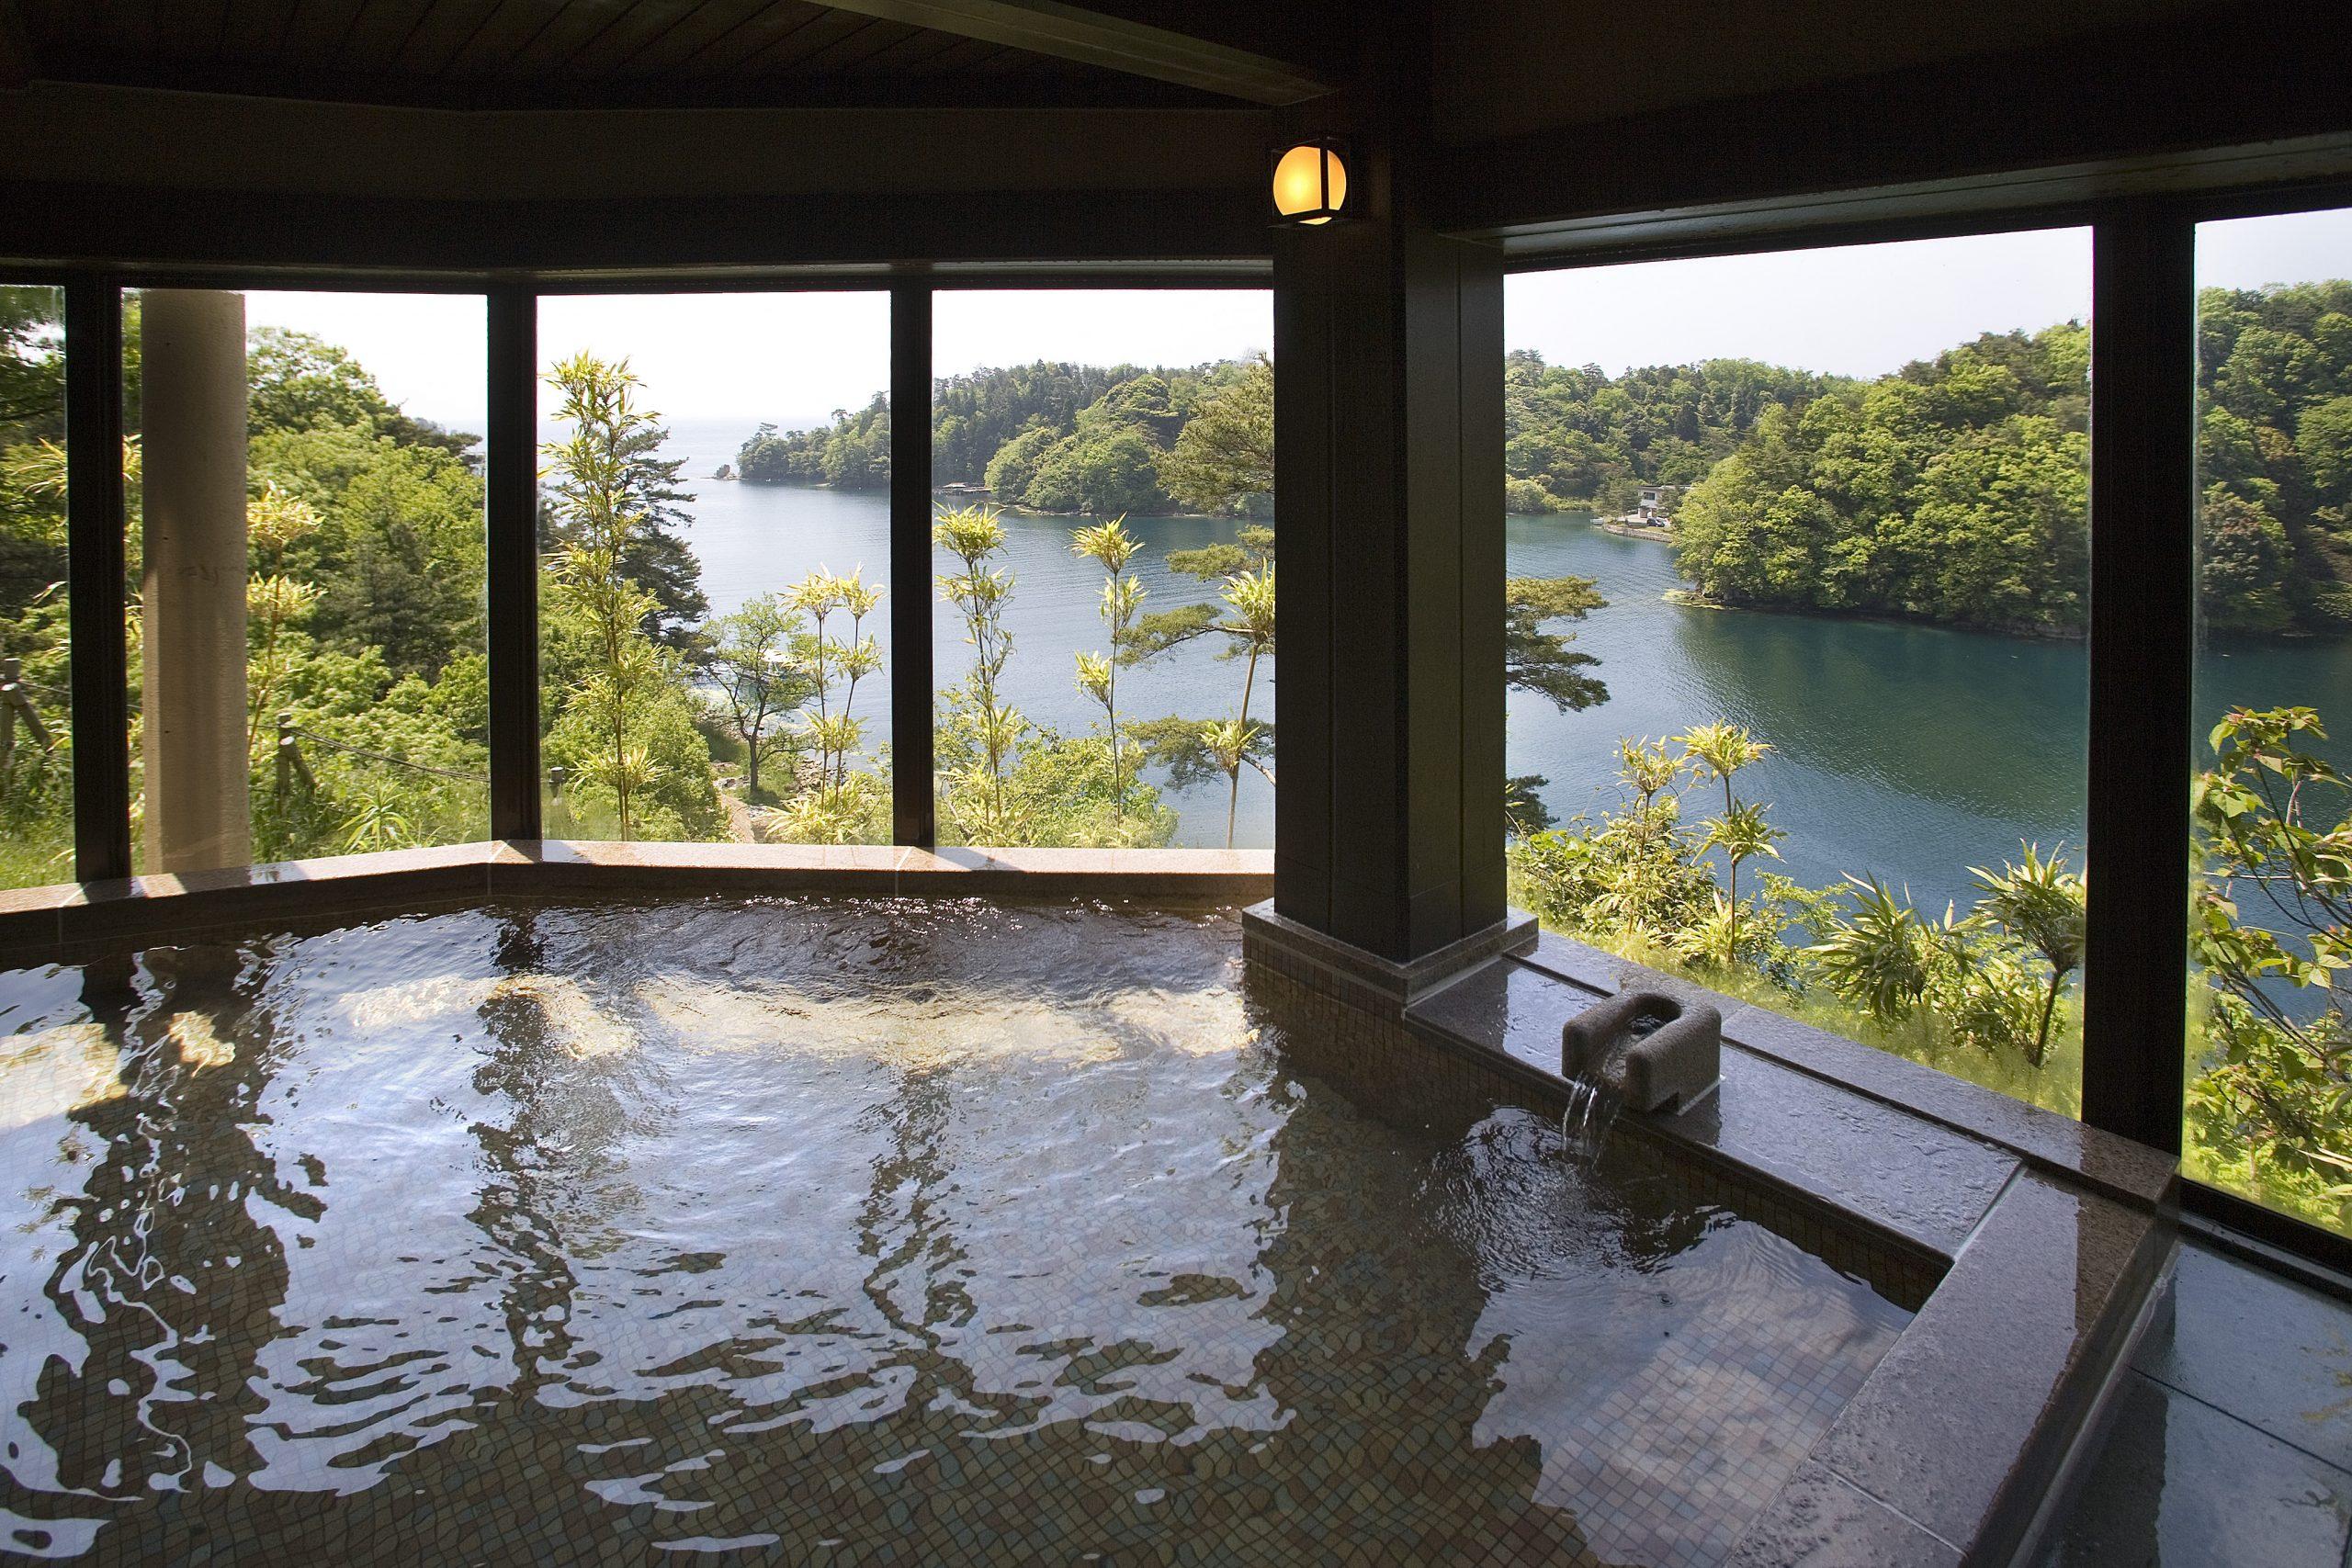 展望風呂 美しい九十九湾のパノラマが一望できる展望風呂。